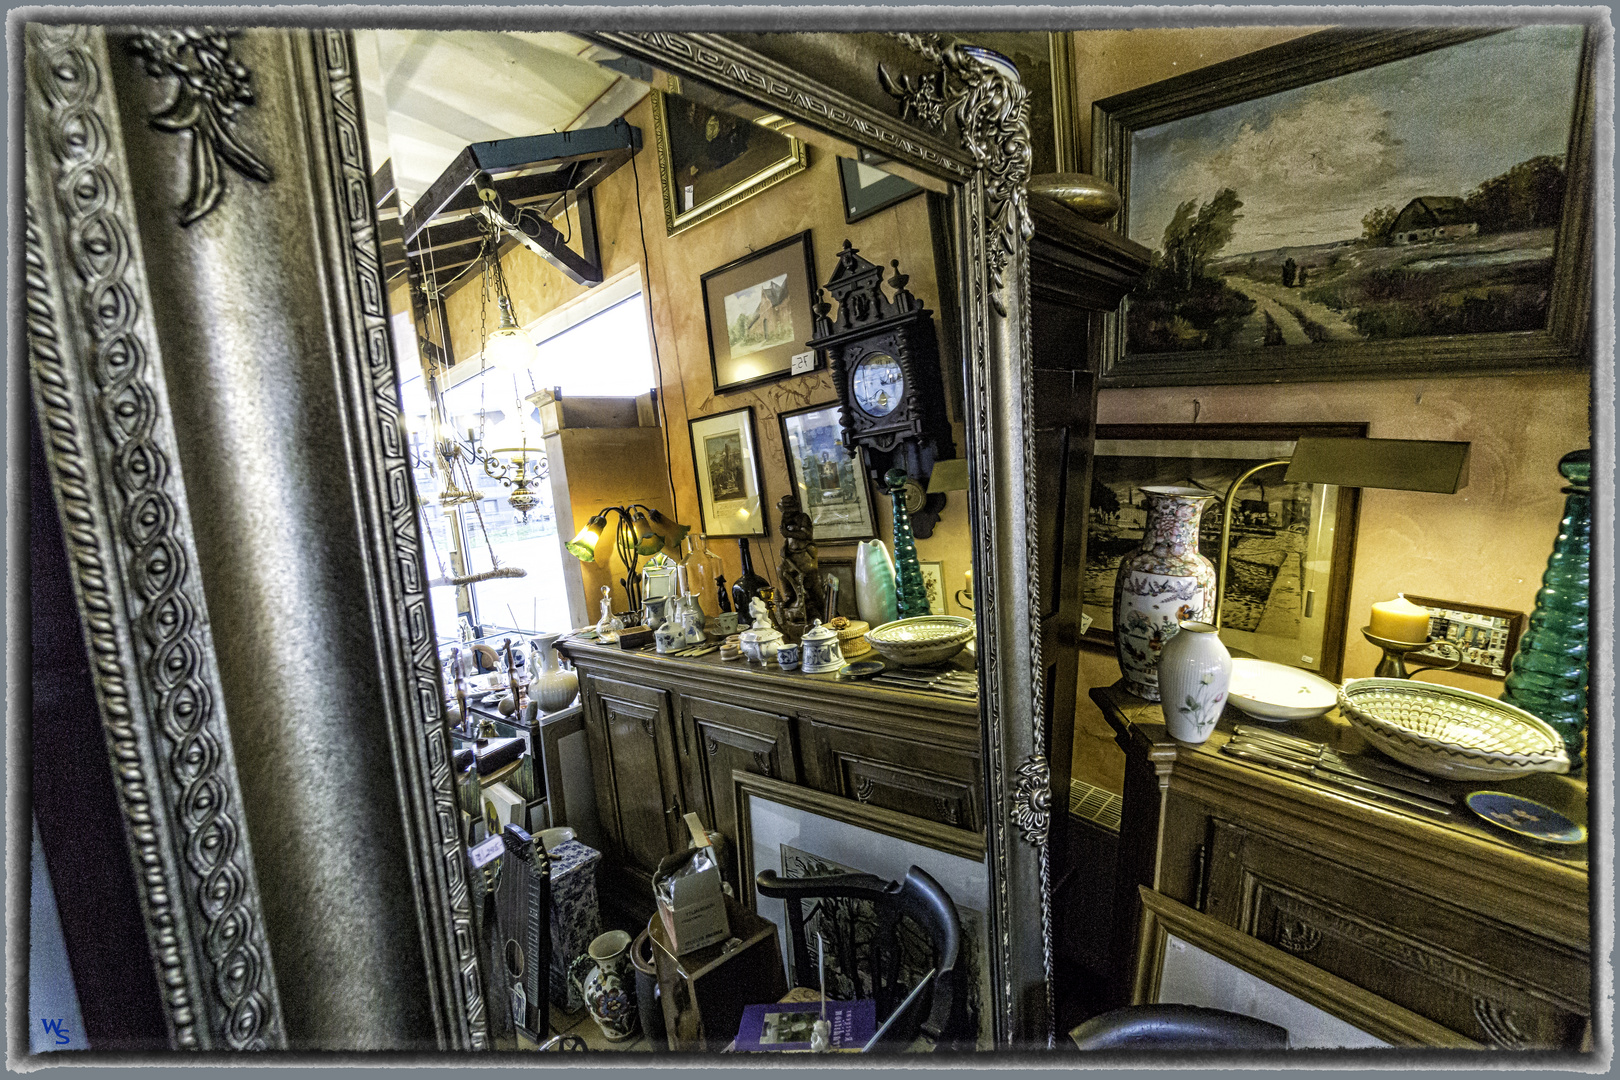 Ein Spiegeltag Im Antikladen Foto Bild Stillleben